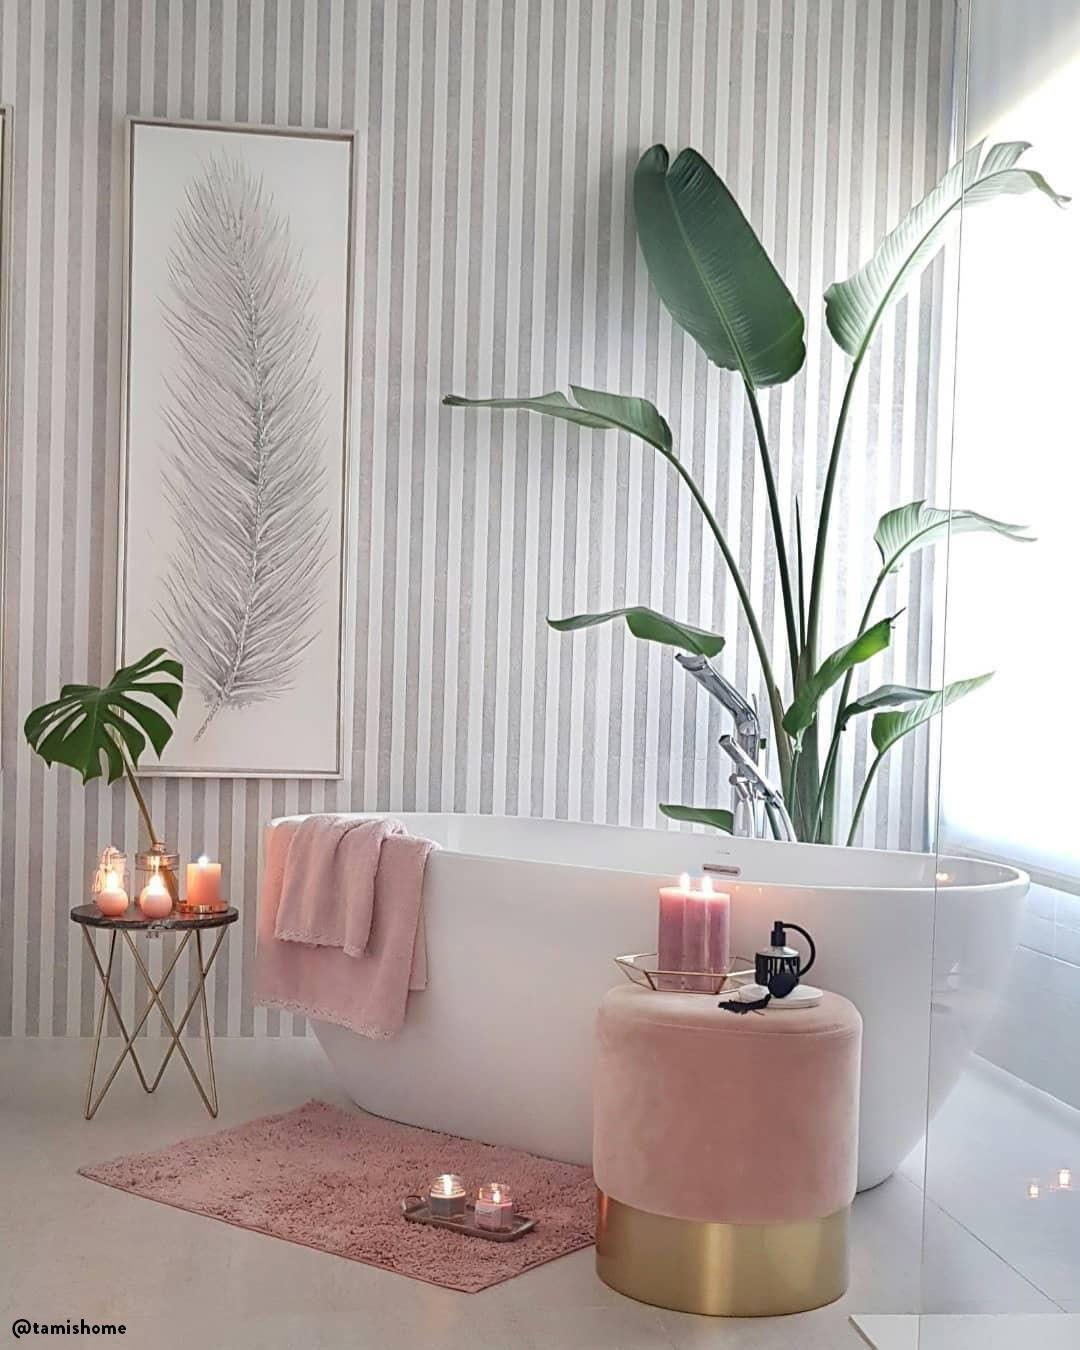 Samt Hocker Harlow Kleines Bad Dekorieren Badezimmer Dekor Und